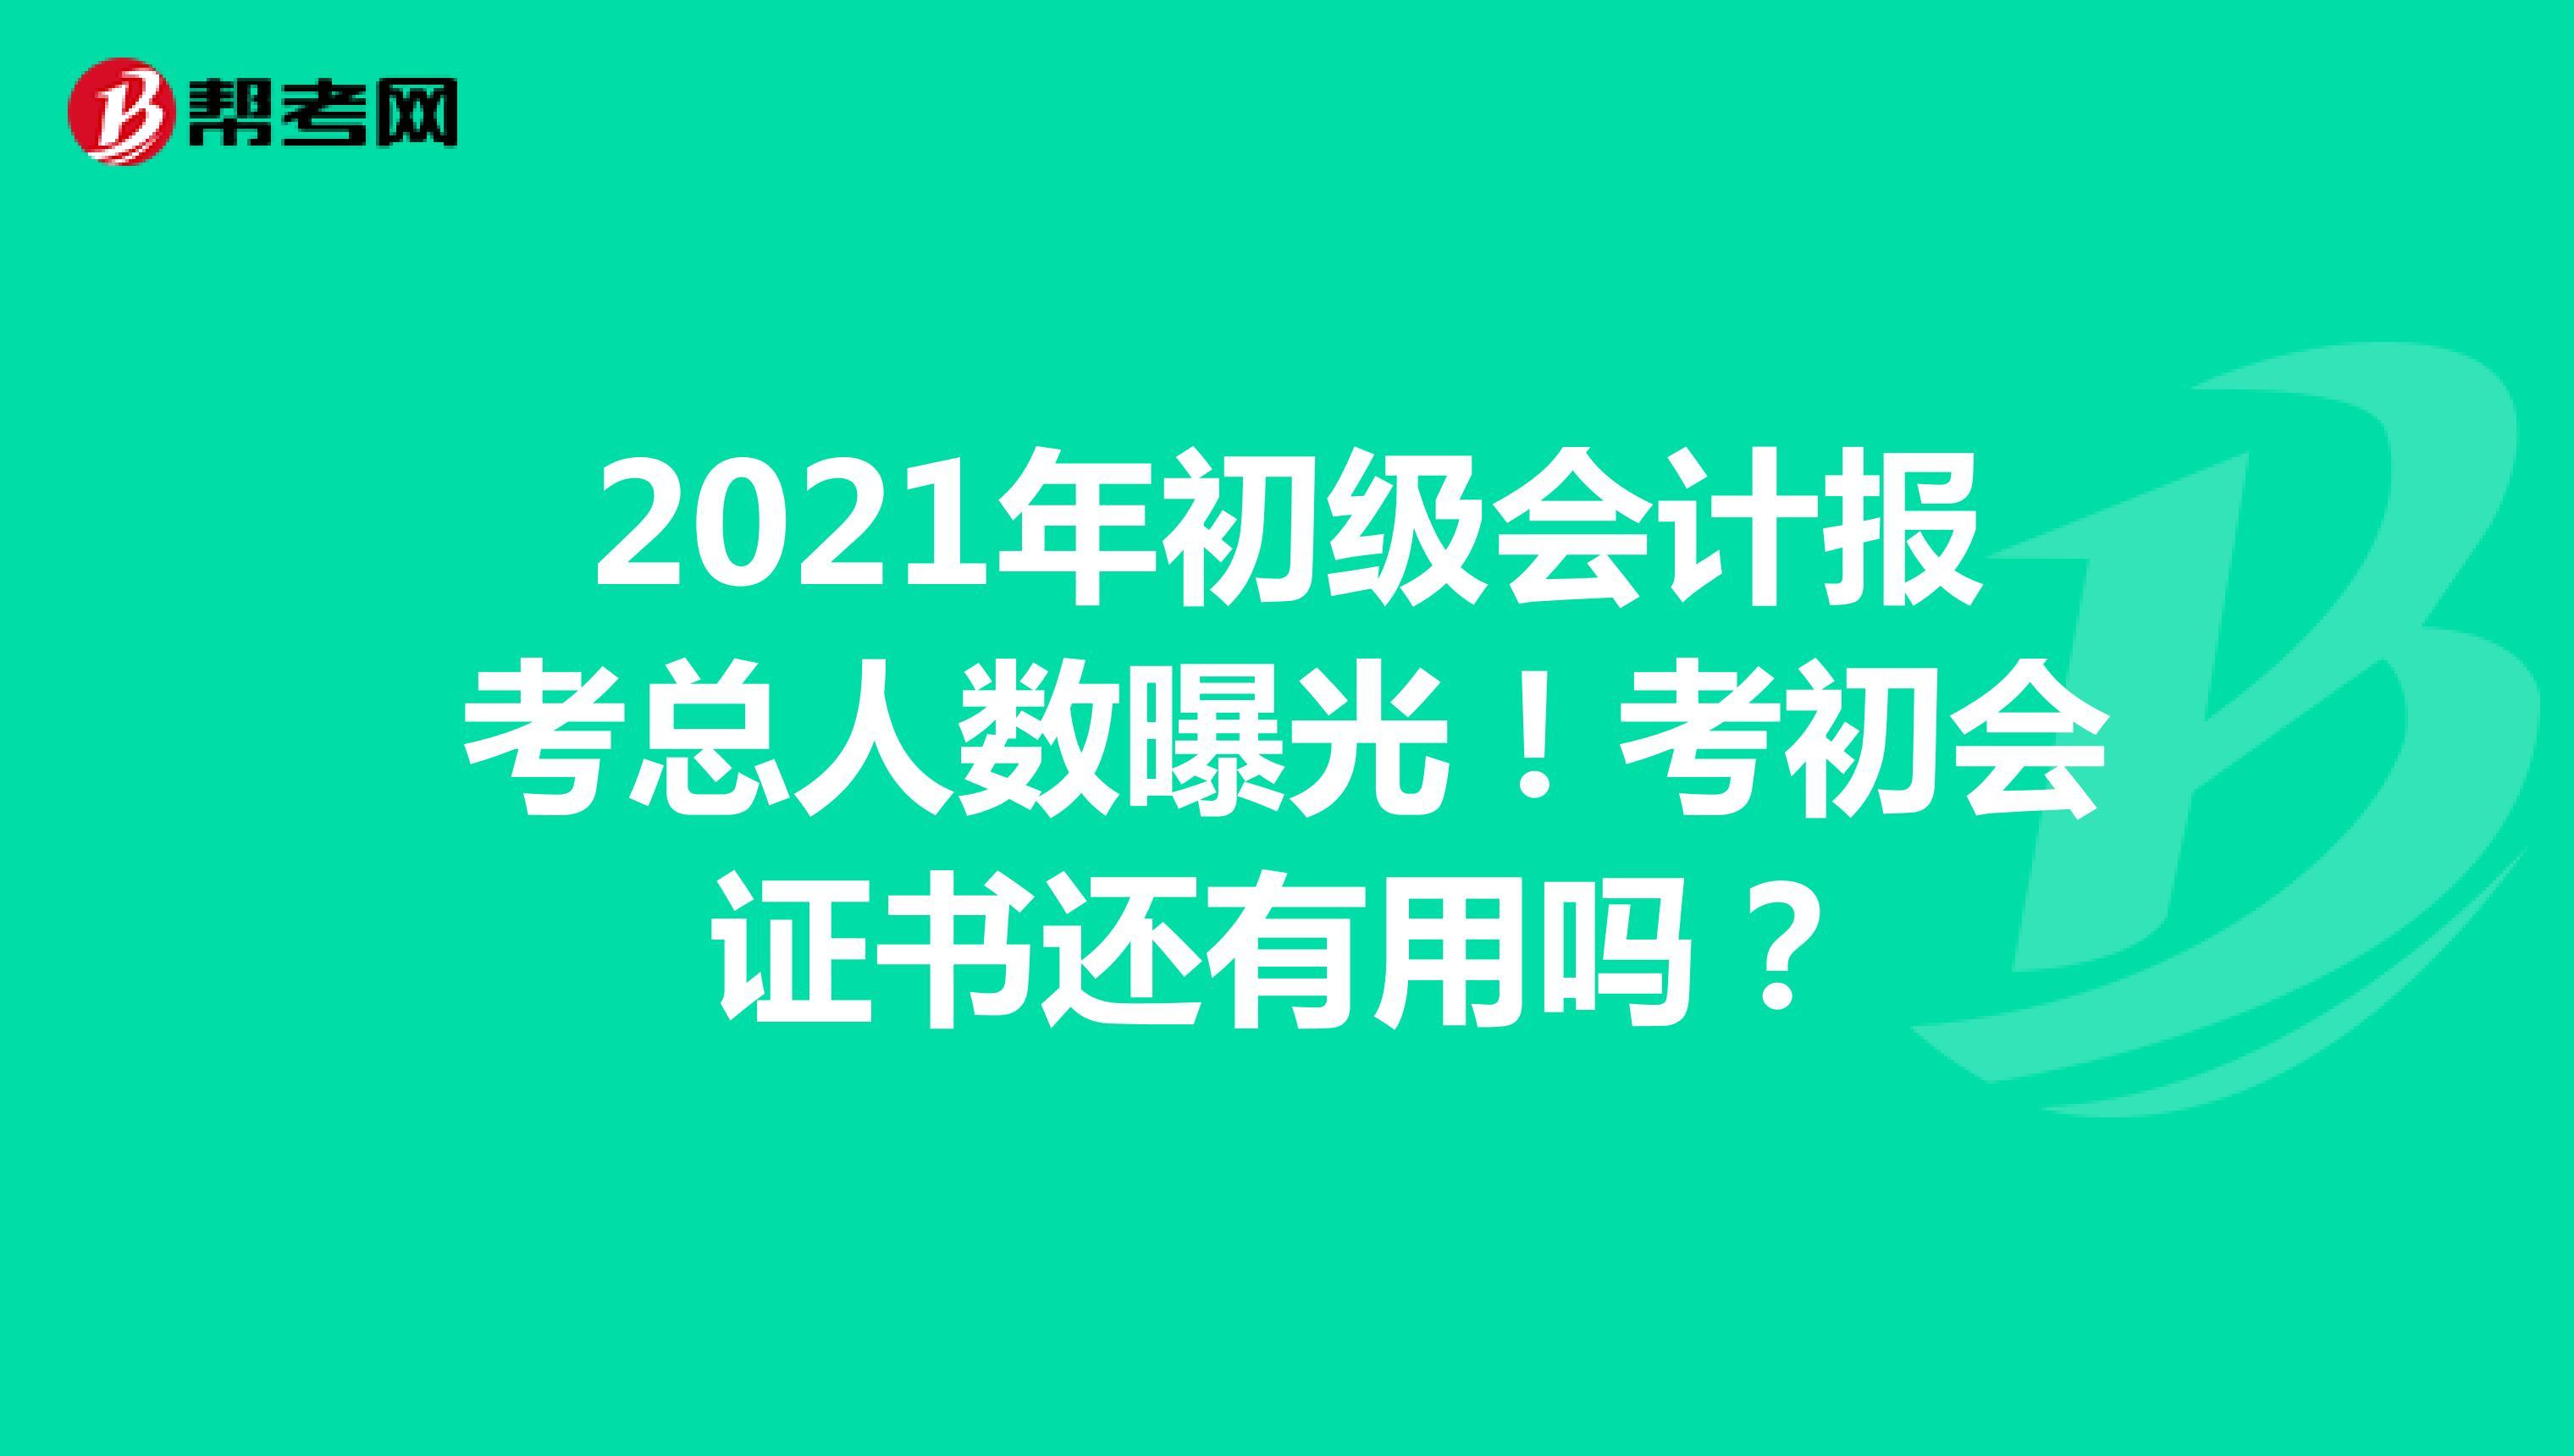 2021年初级会计报考总人数曝光!考初会证书还有用吗?